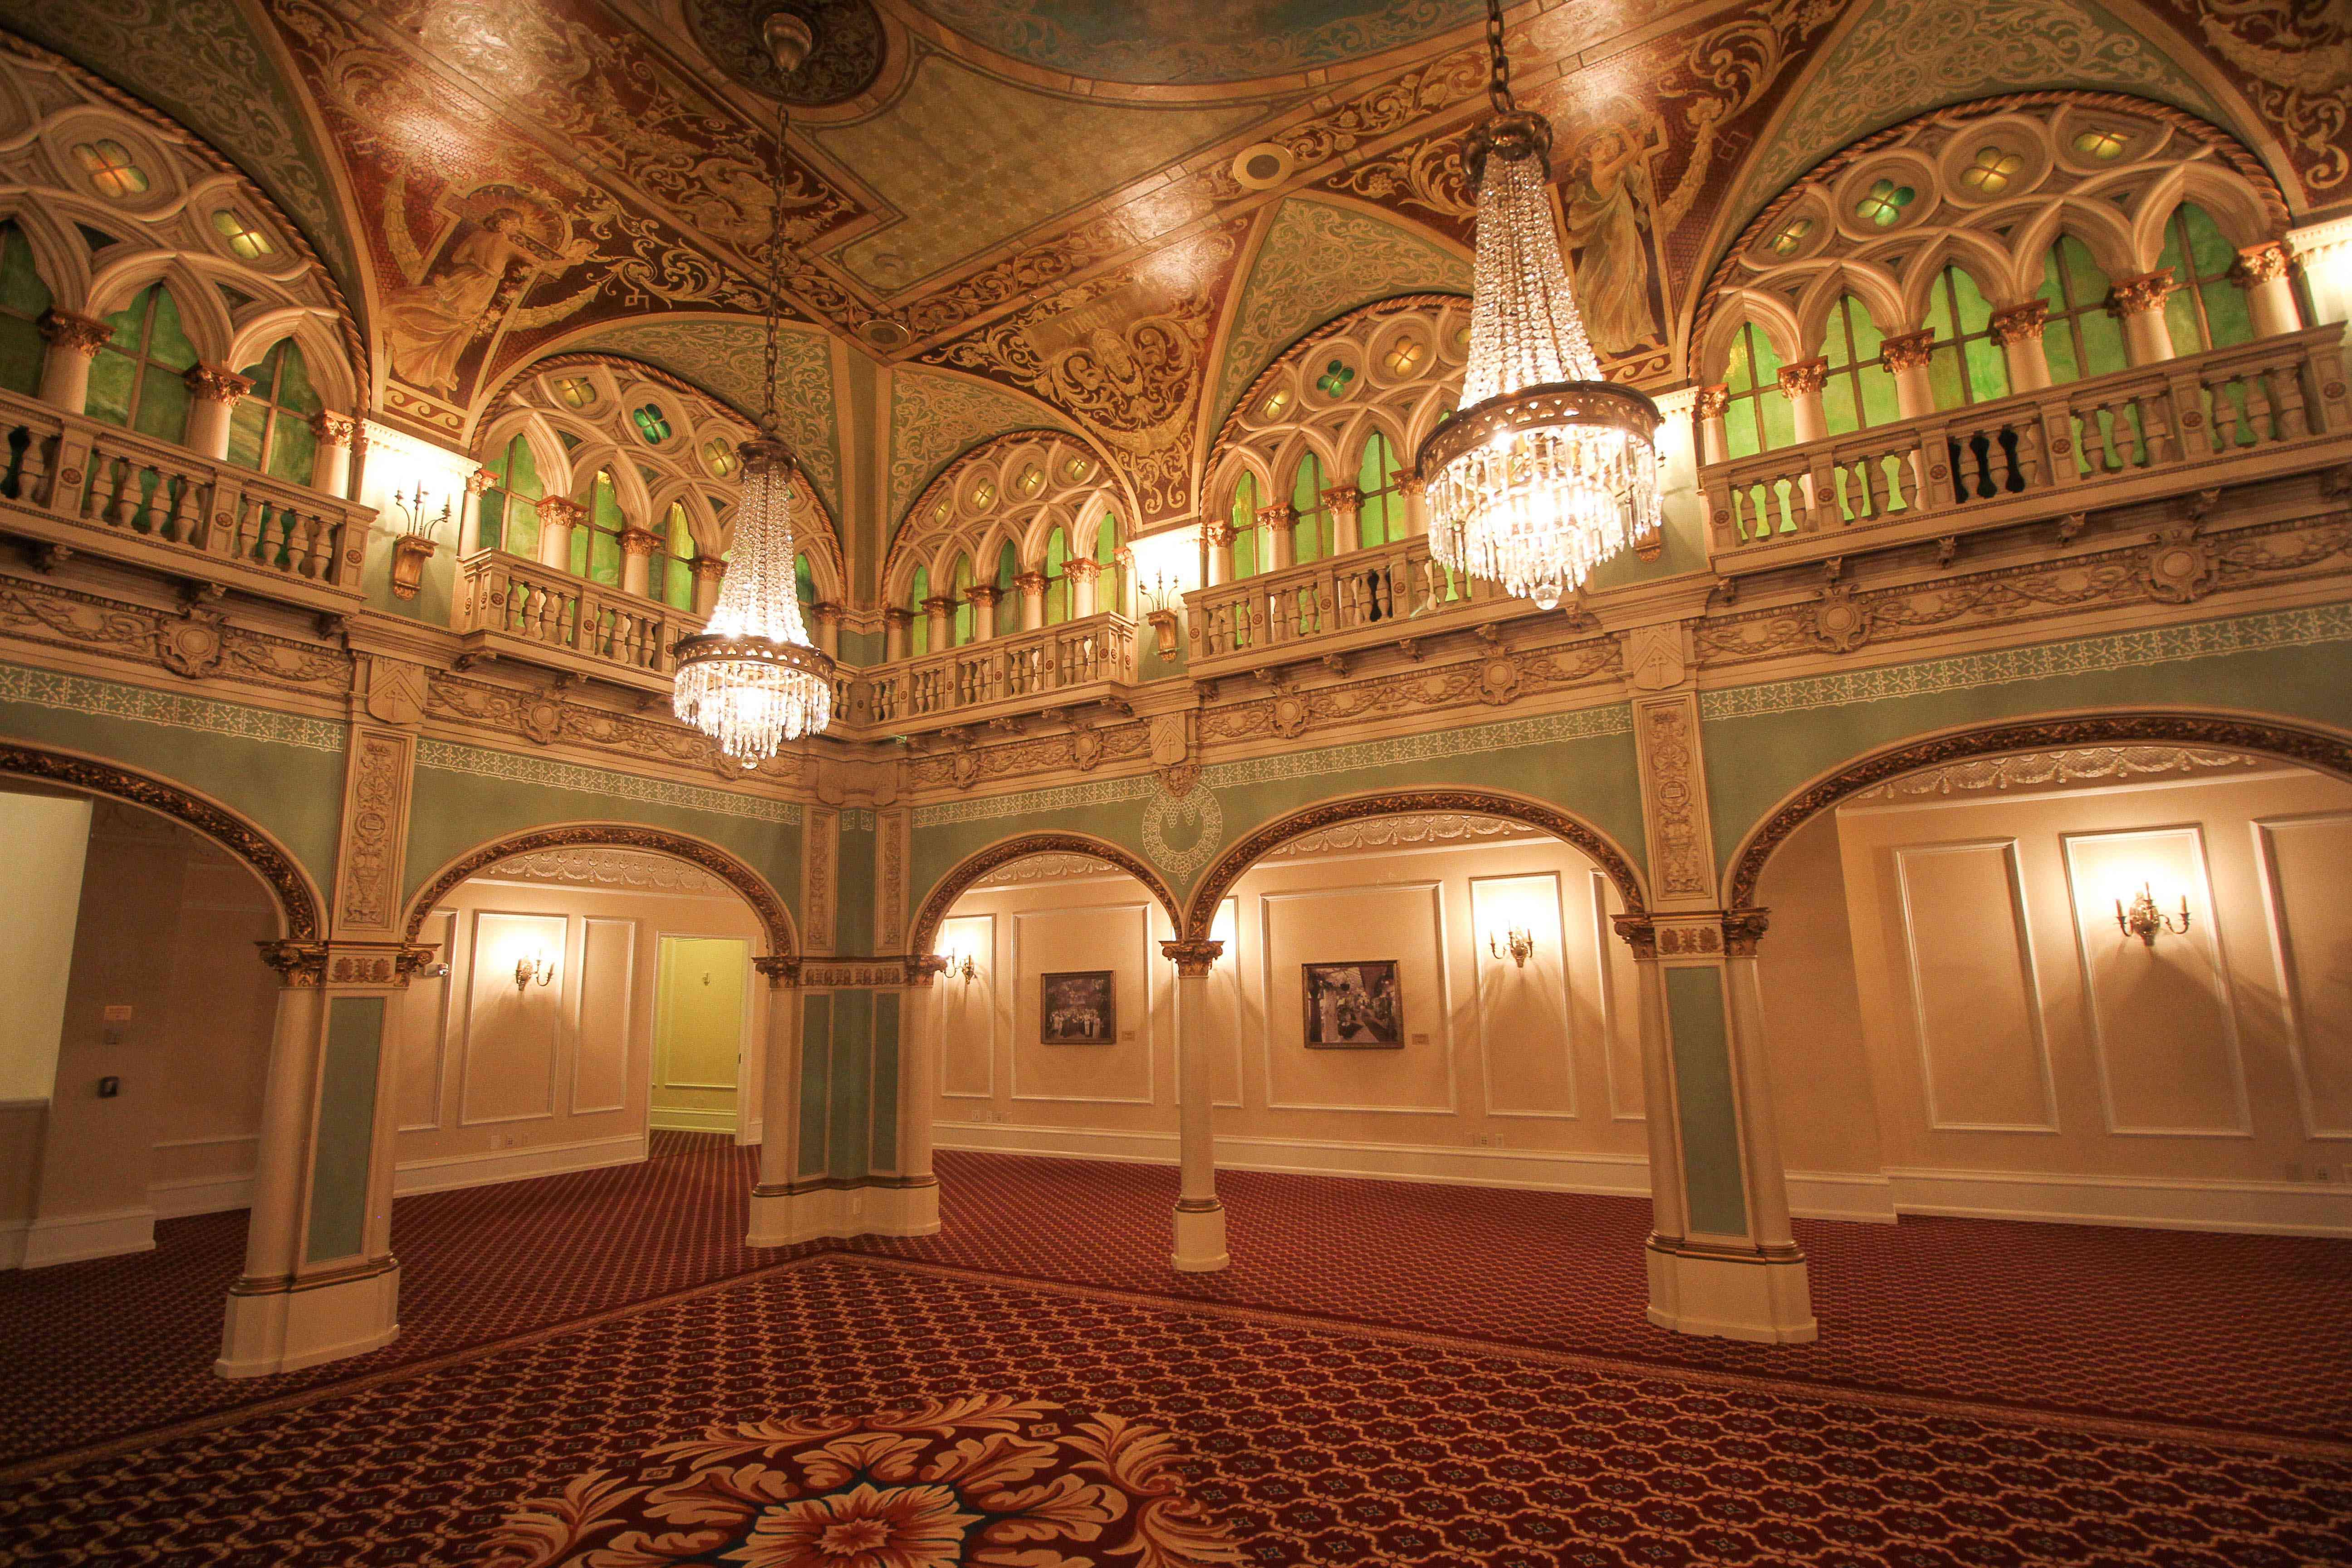 decoraciones interiores decadentes en el Hotel Davenport